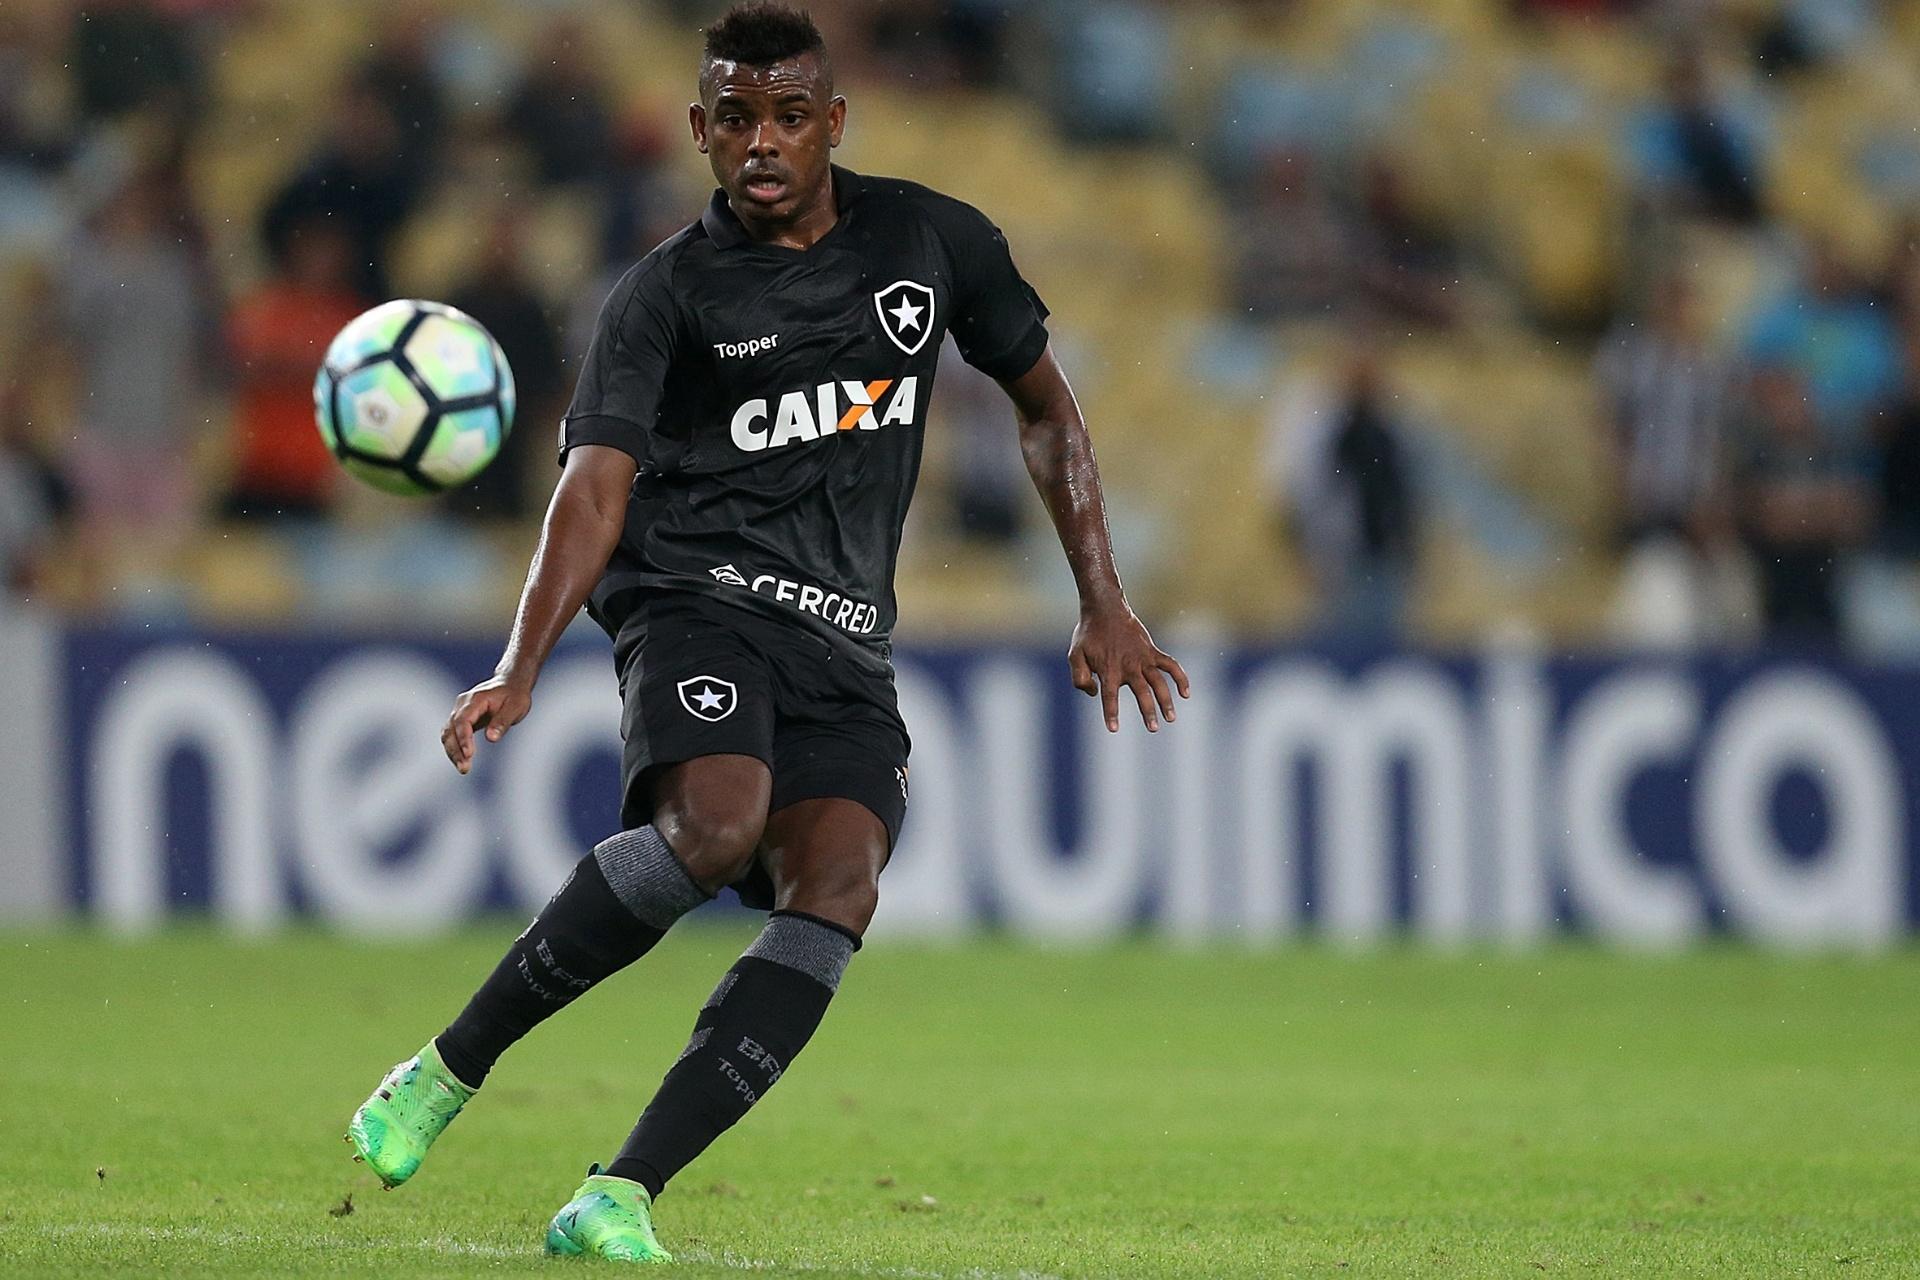 70fb985fdf Atacante chegou na troca por Sassá. E já conquistou o Botafogo - 16 07 2017  - UOL Esporte